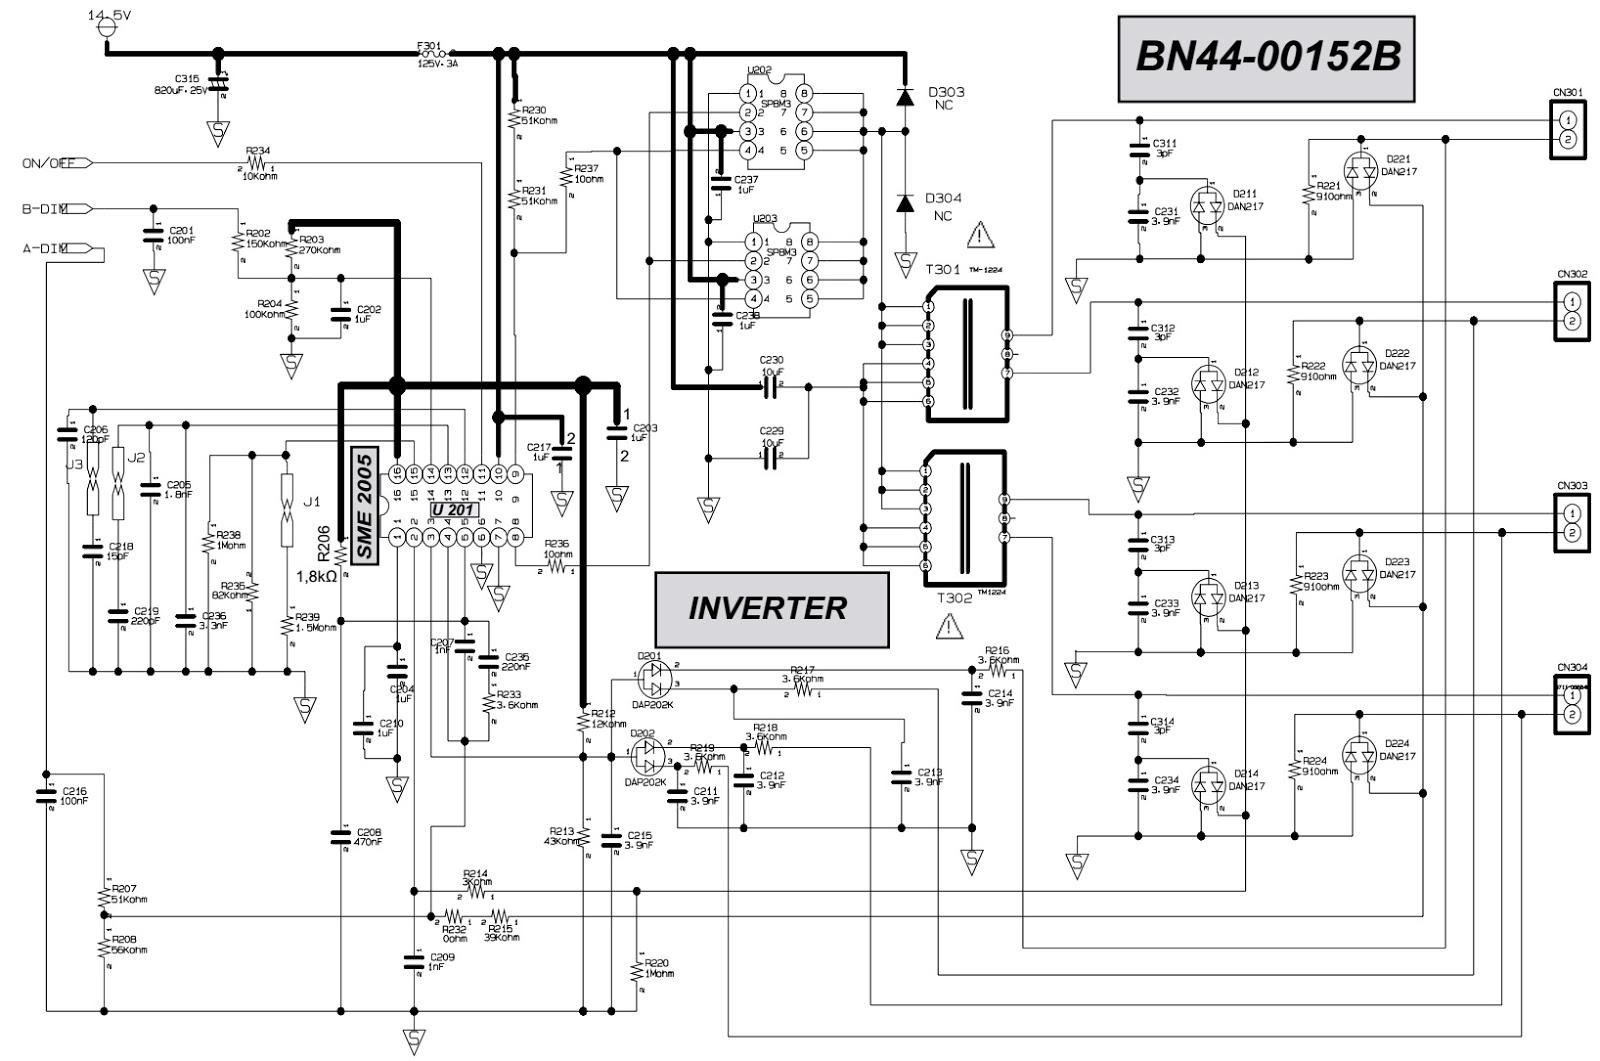 BN44 00152B Samsung UN40H5203, Samsung LE32R87BD LCD TVs